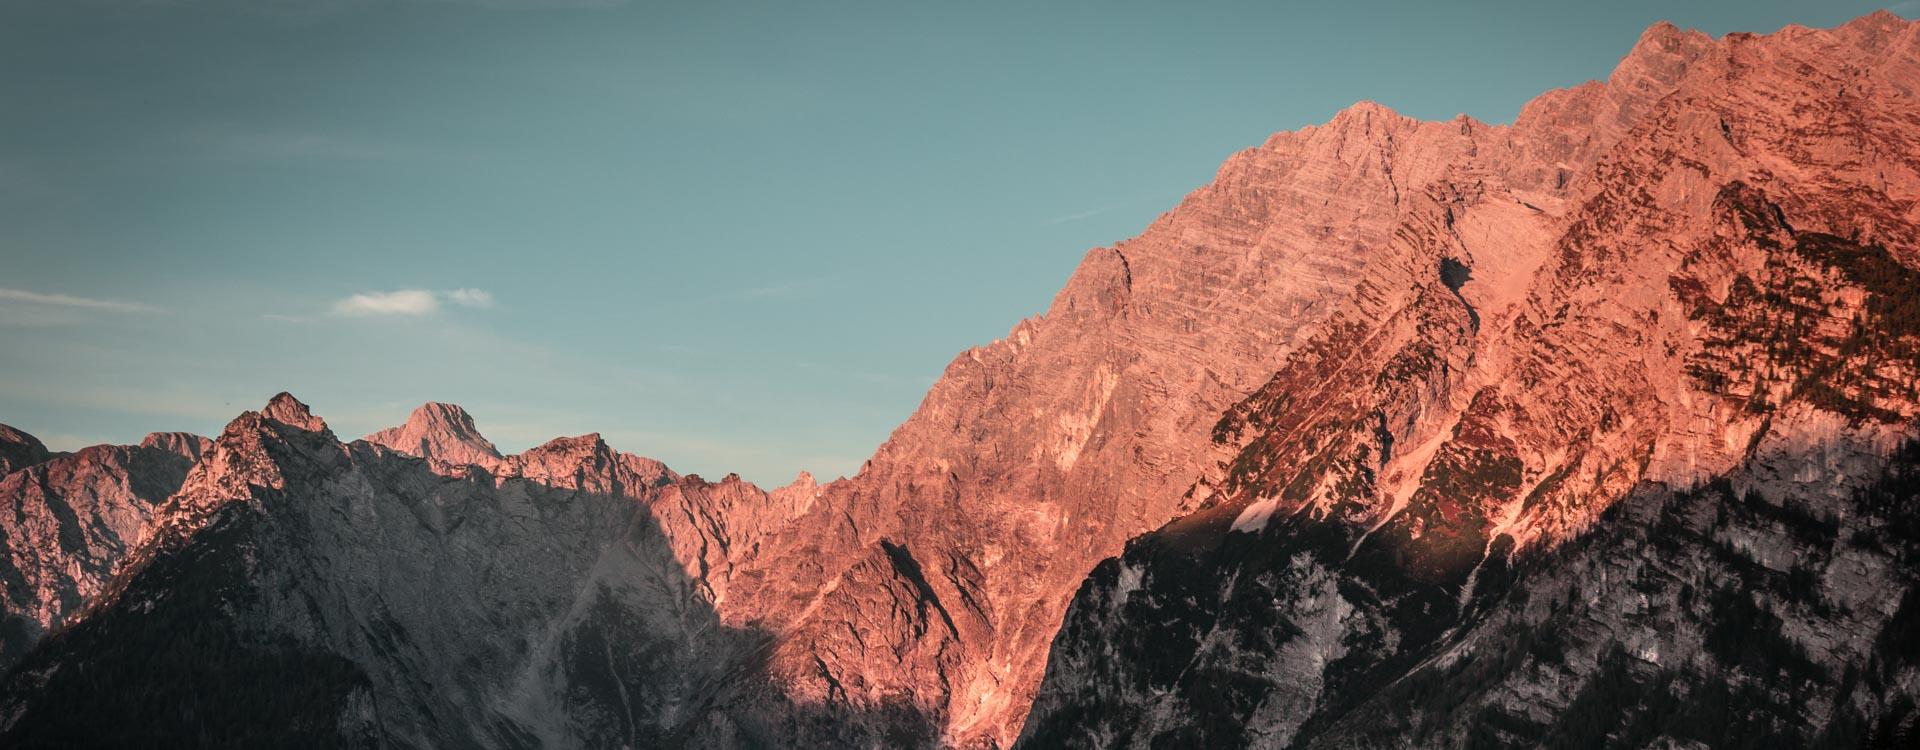 watzmannostwand-mit-berchtesgadener-bergfuehrer.jpg